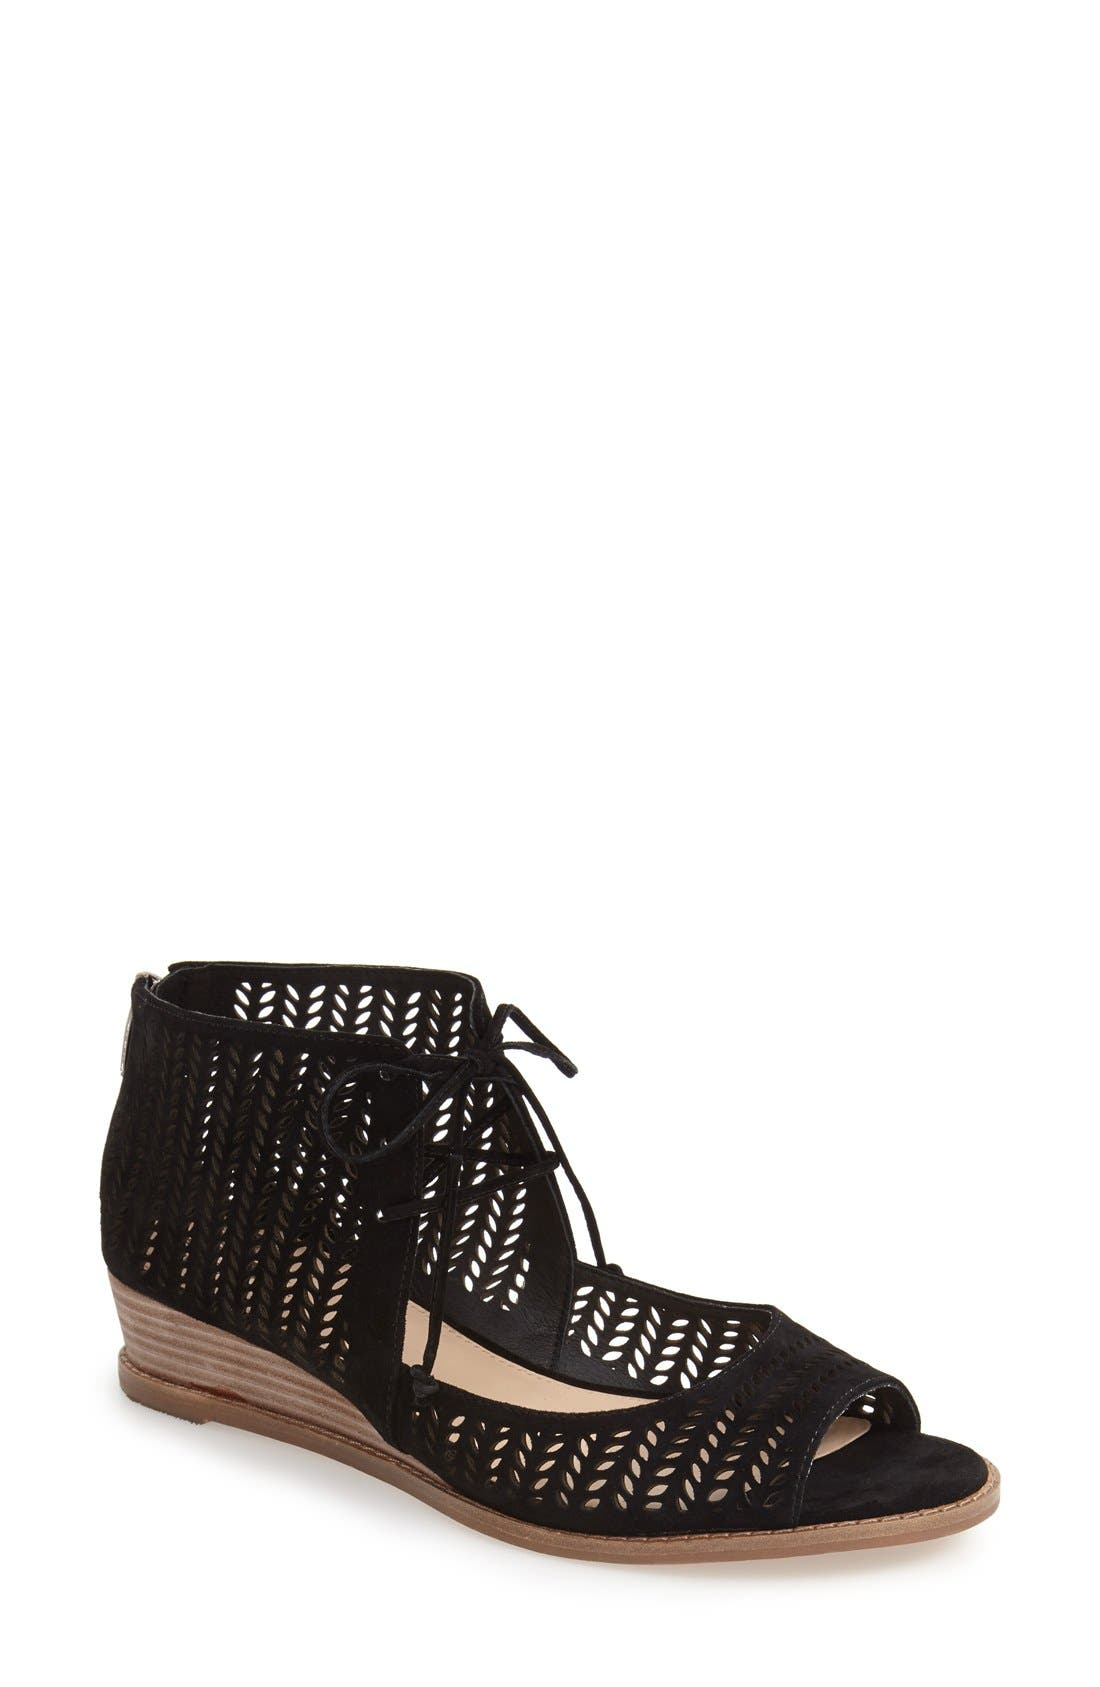 VINCE CAMUTO 'Remme' Cutout Lace-Up Wedge Sandal, Main, color, 001